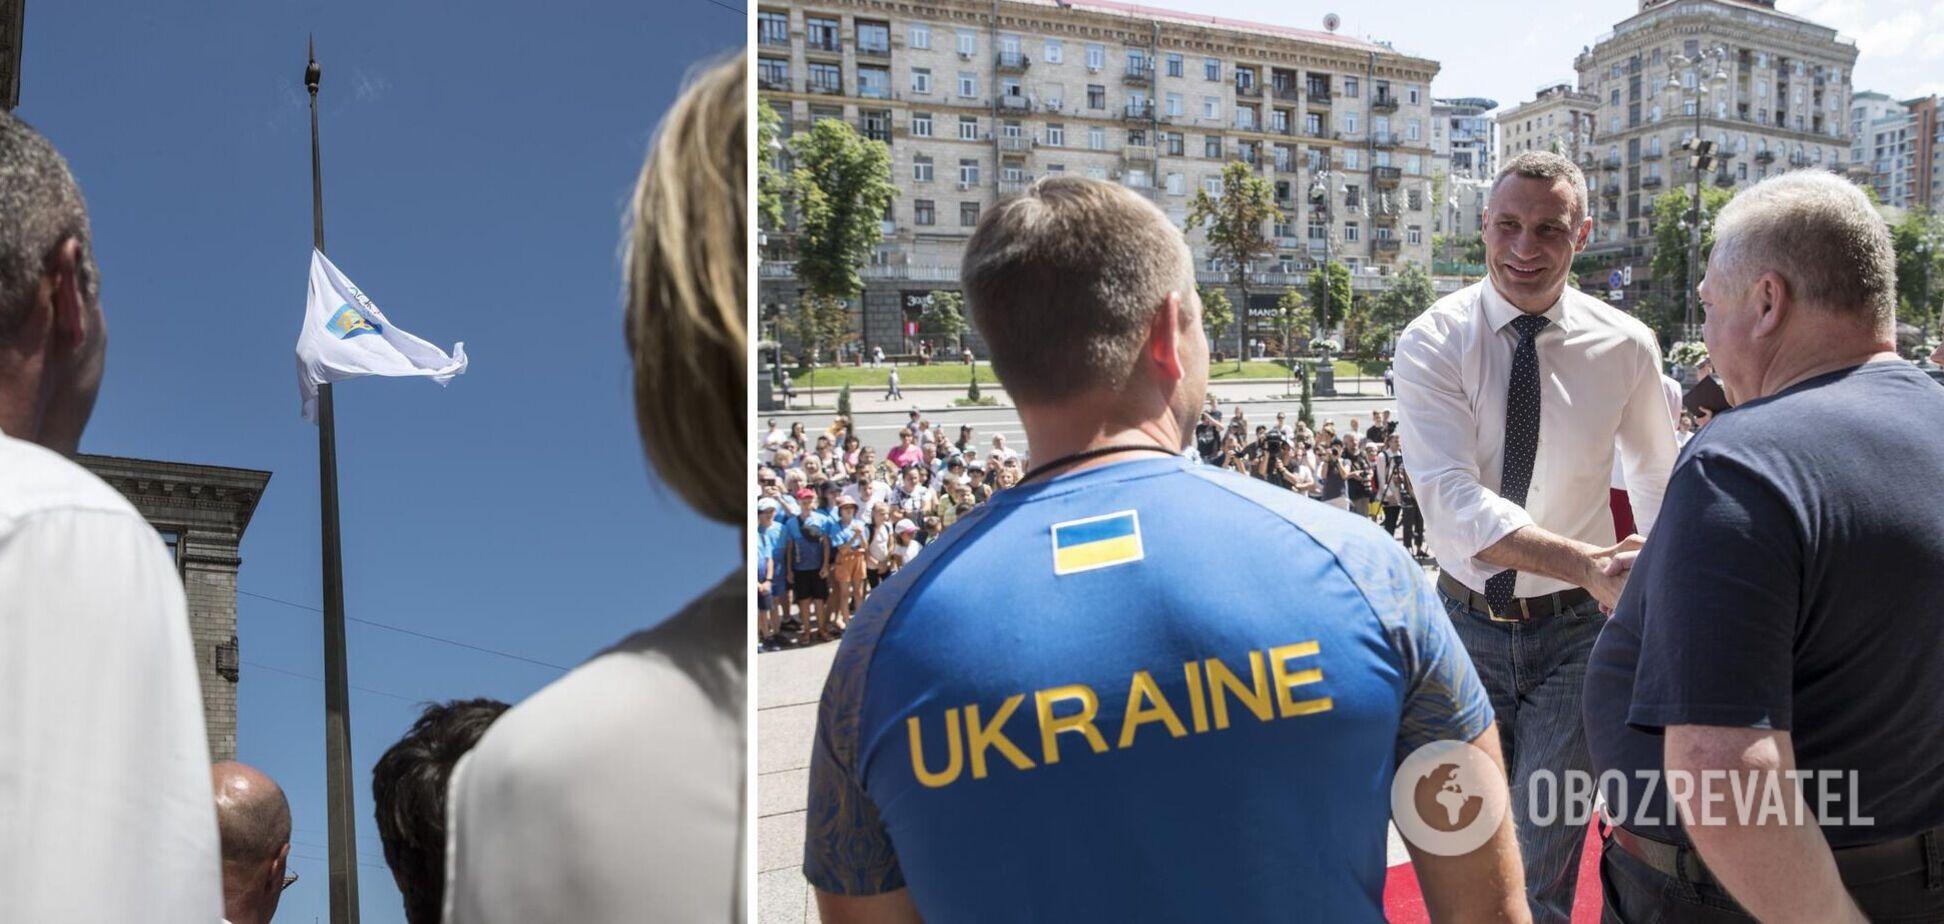 Над КГГА подняли флаг НОК: Кличко пожелал украинцам успехов на Олимпийских играх в Токио. Фото